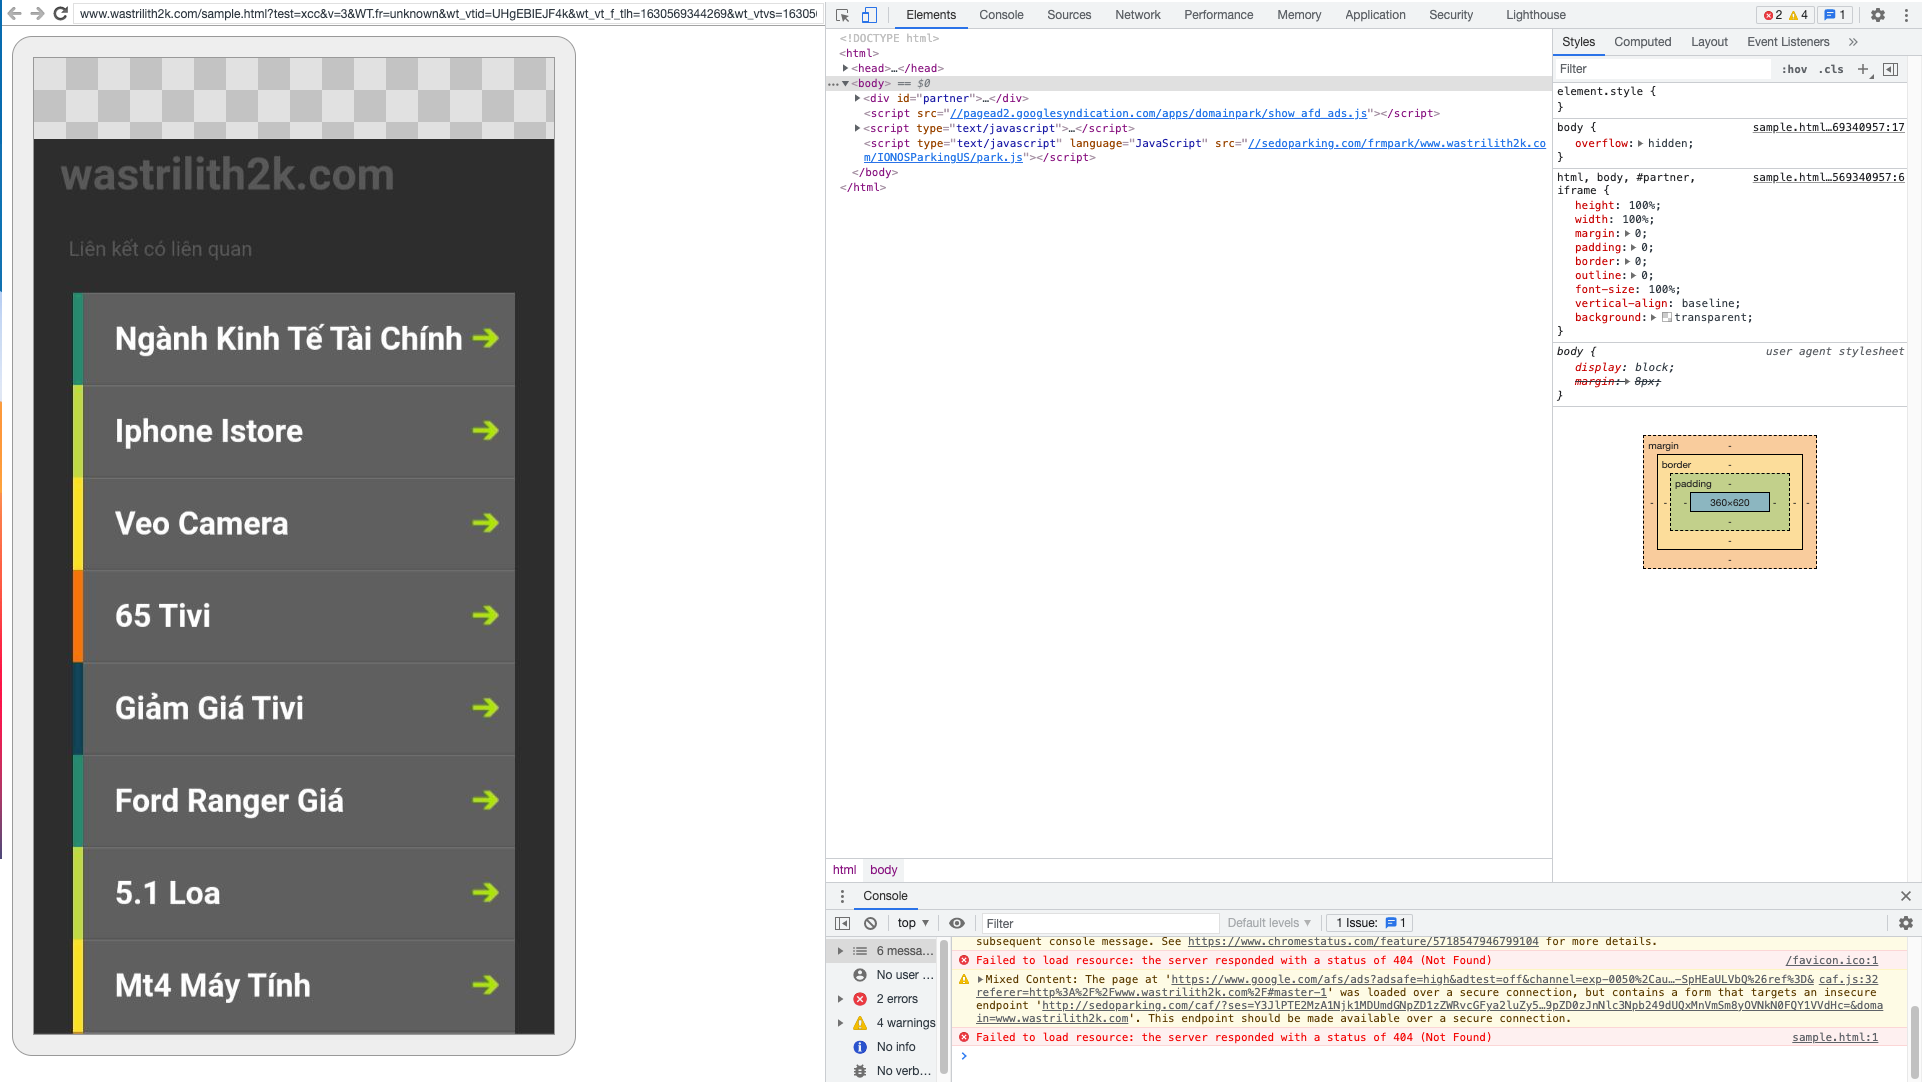 Debug-enabled Webviews in Devtools